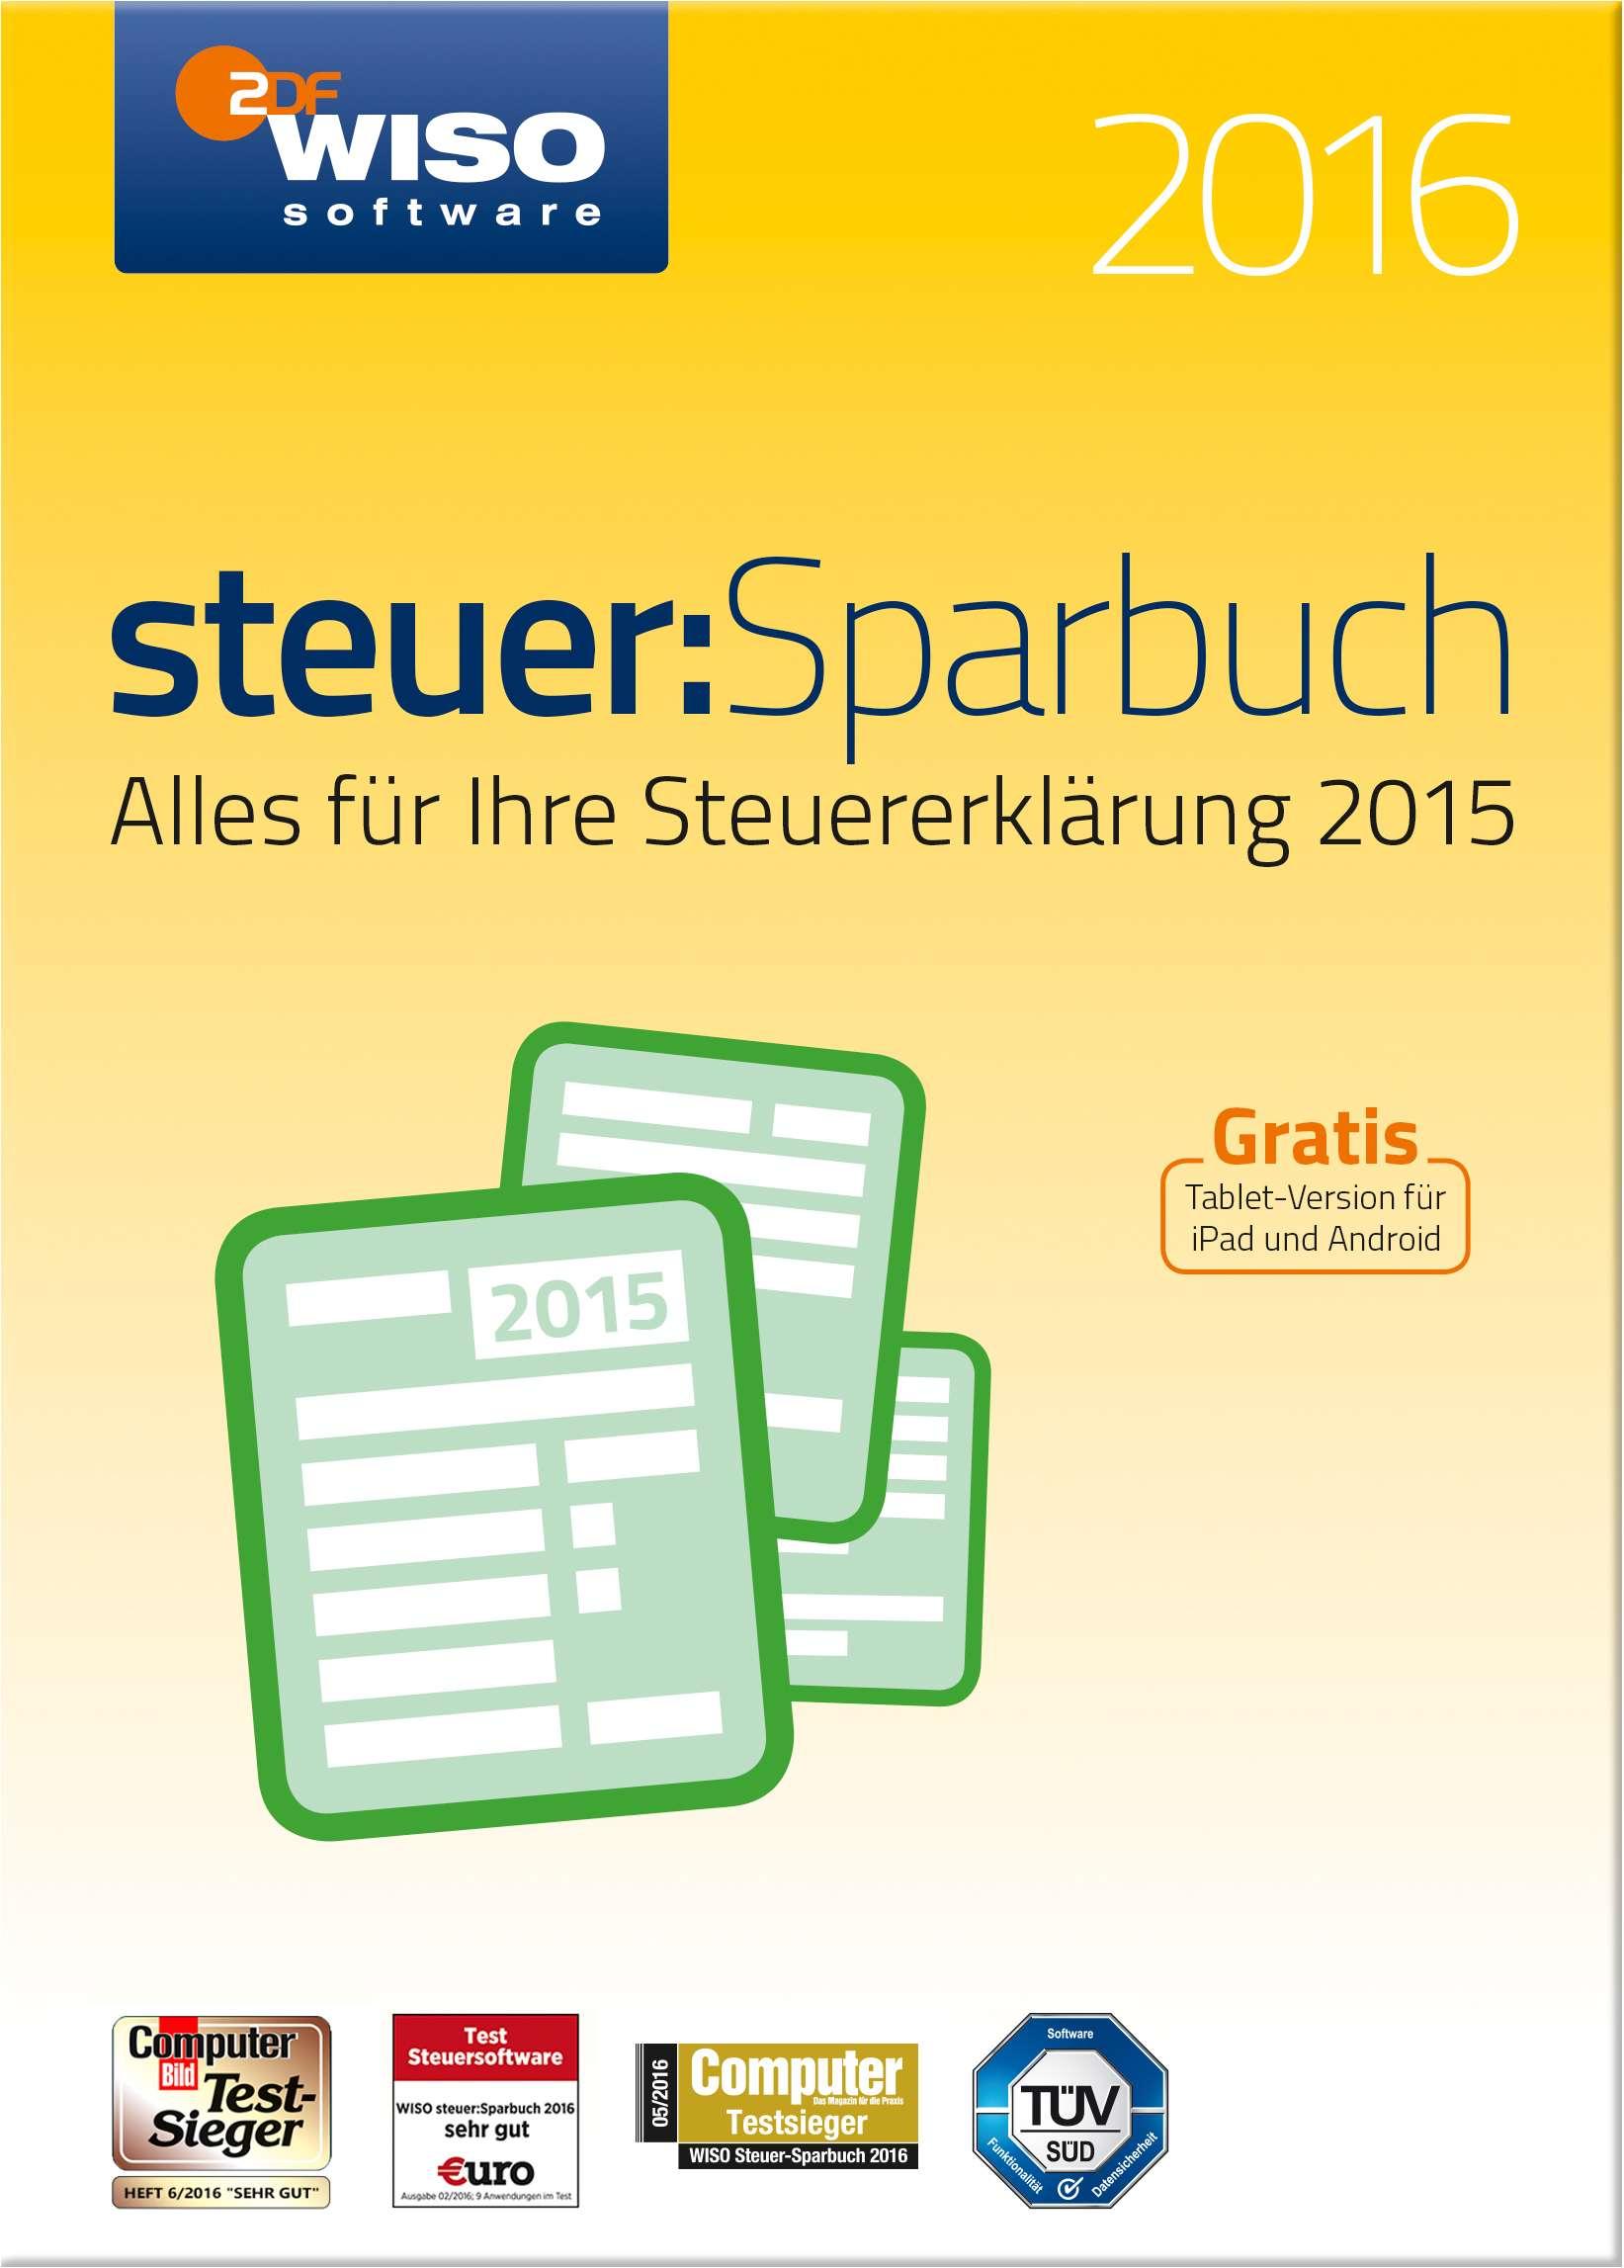 WISO steuer:Sparbuch 2016 | Jetzt Download zum Top-Preis!